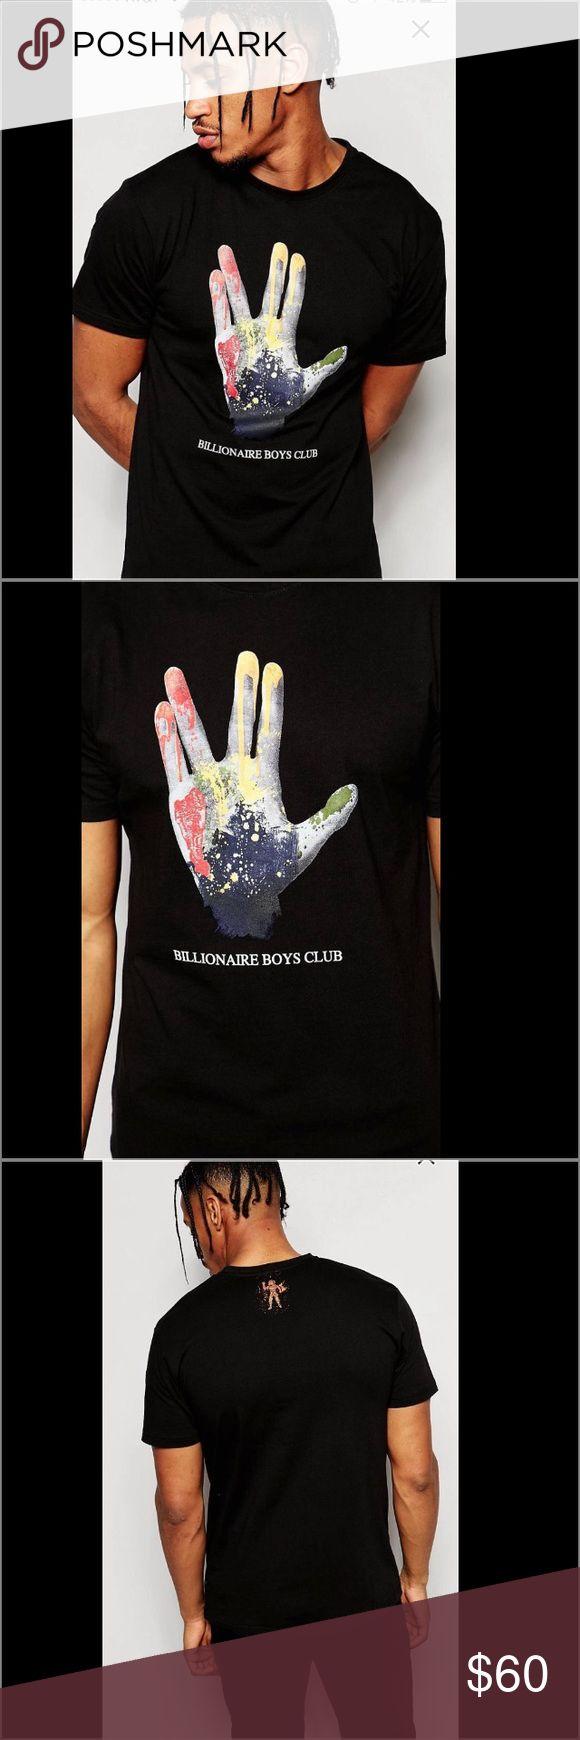 Billionaire Boys Club t-shirt Billionaire Boys Club t-shirt Billionaire Boys Club Shirts Tees - Short Sleeve